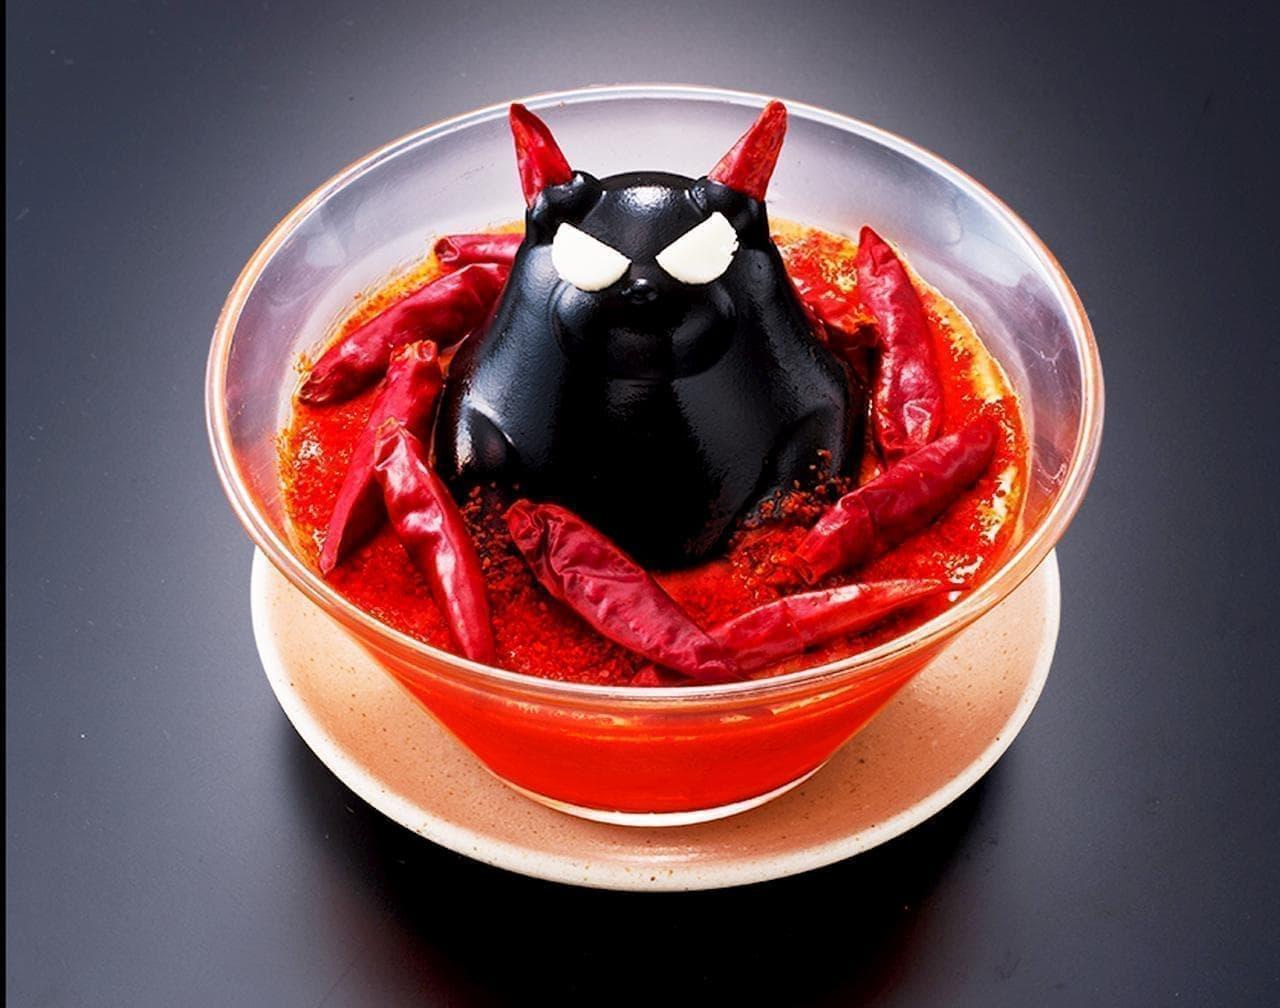 「しゃぶしゃぶ温野菜」に辛さを増した「激辛!小悪魔鍋」「超激辛!デビル鍋」